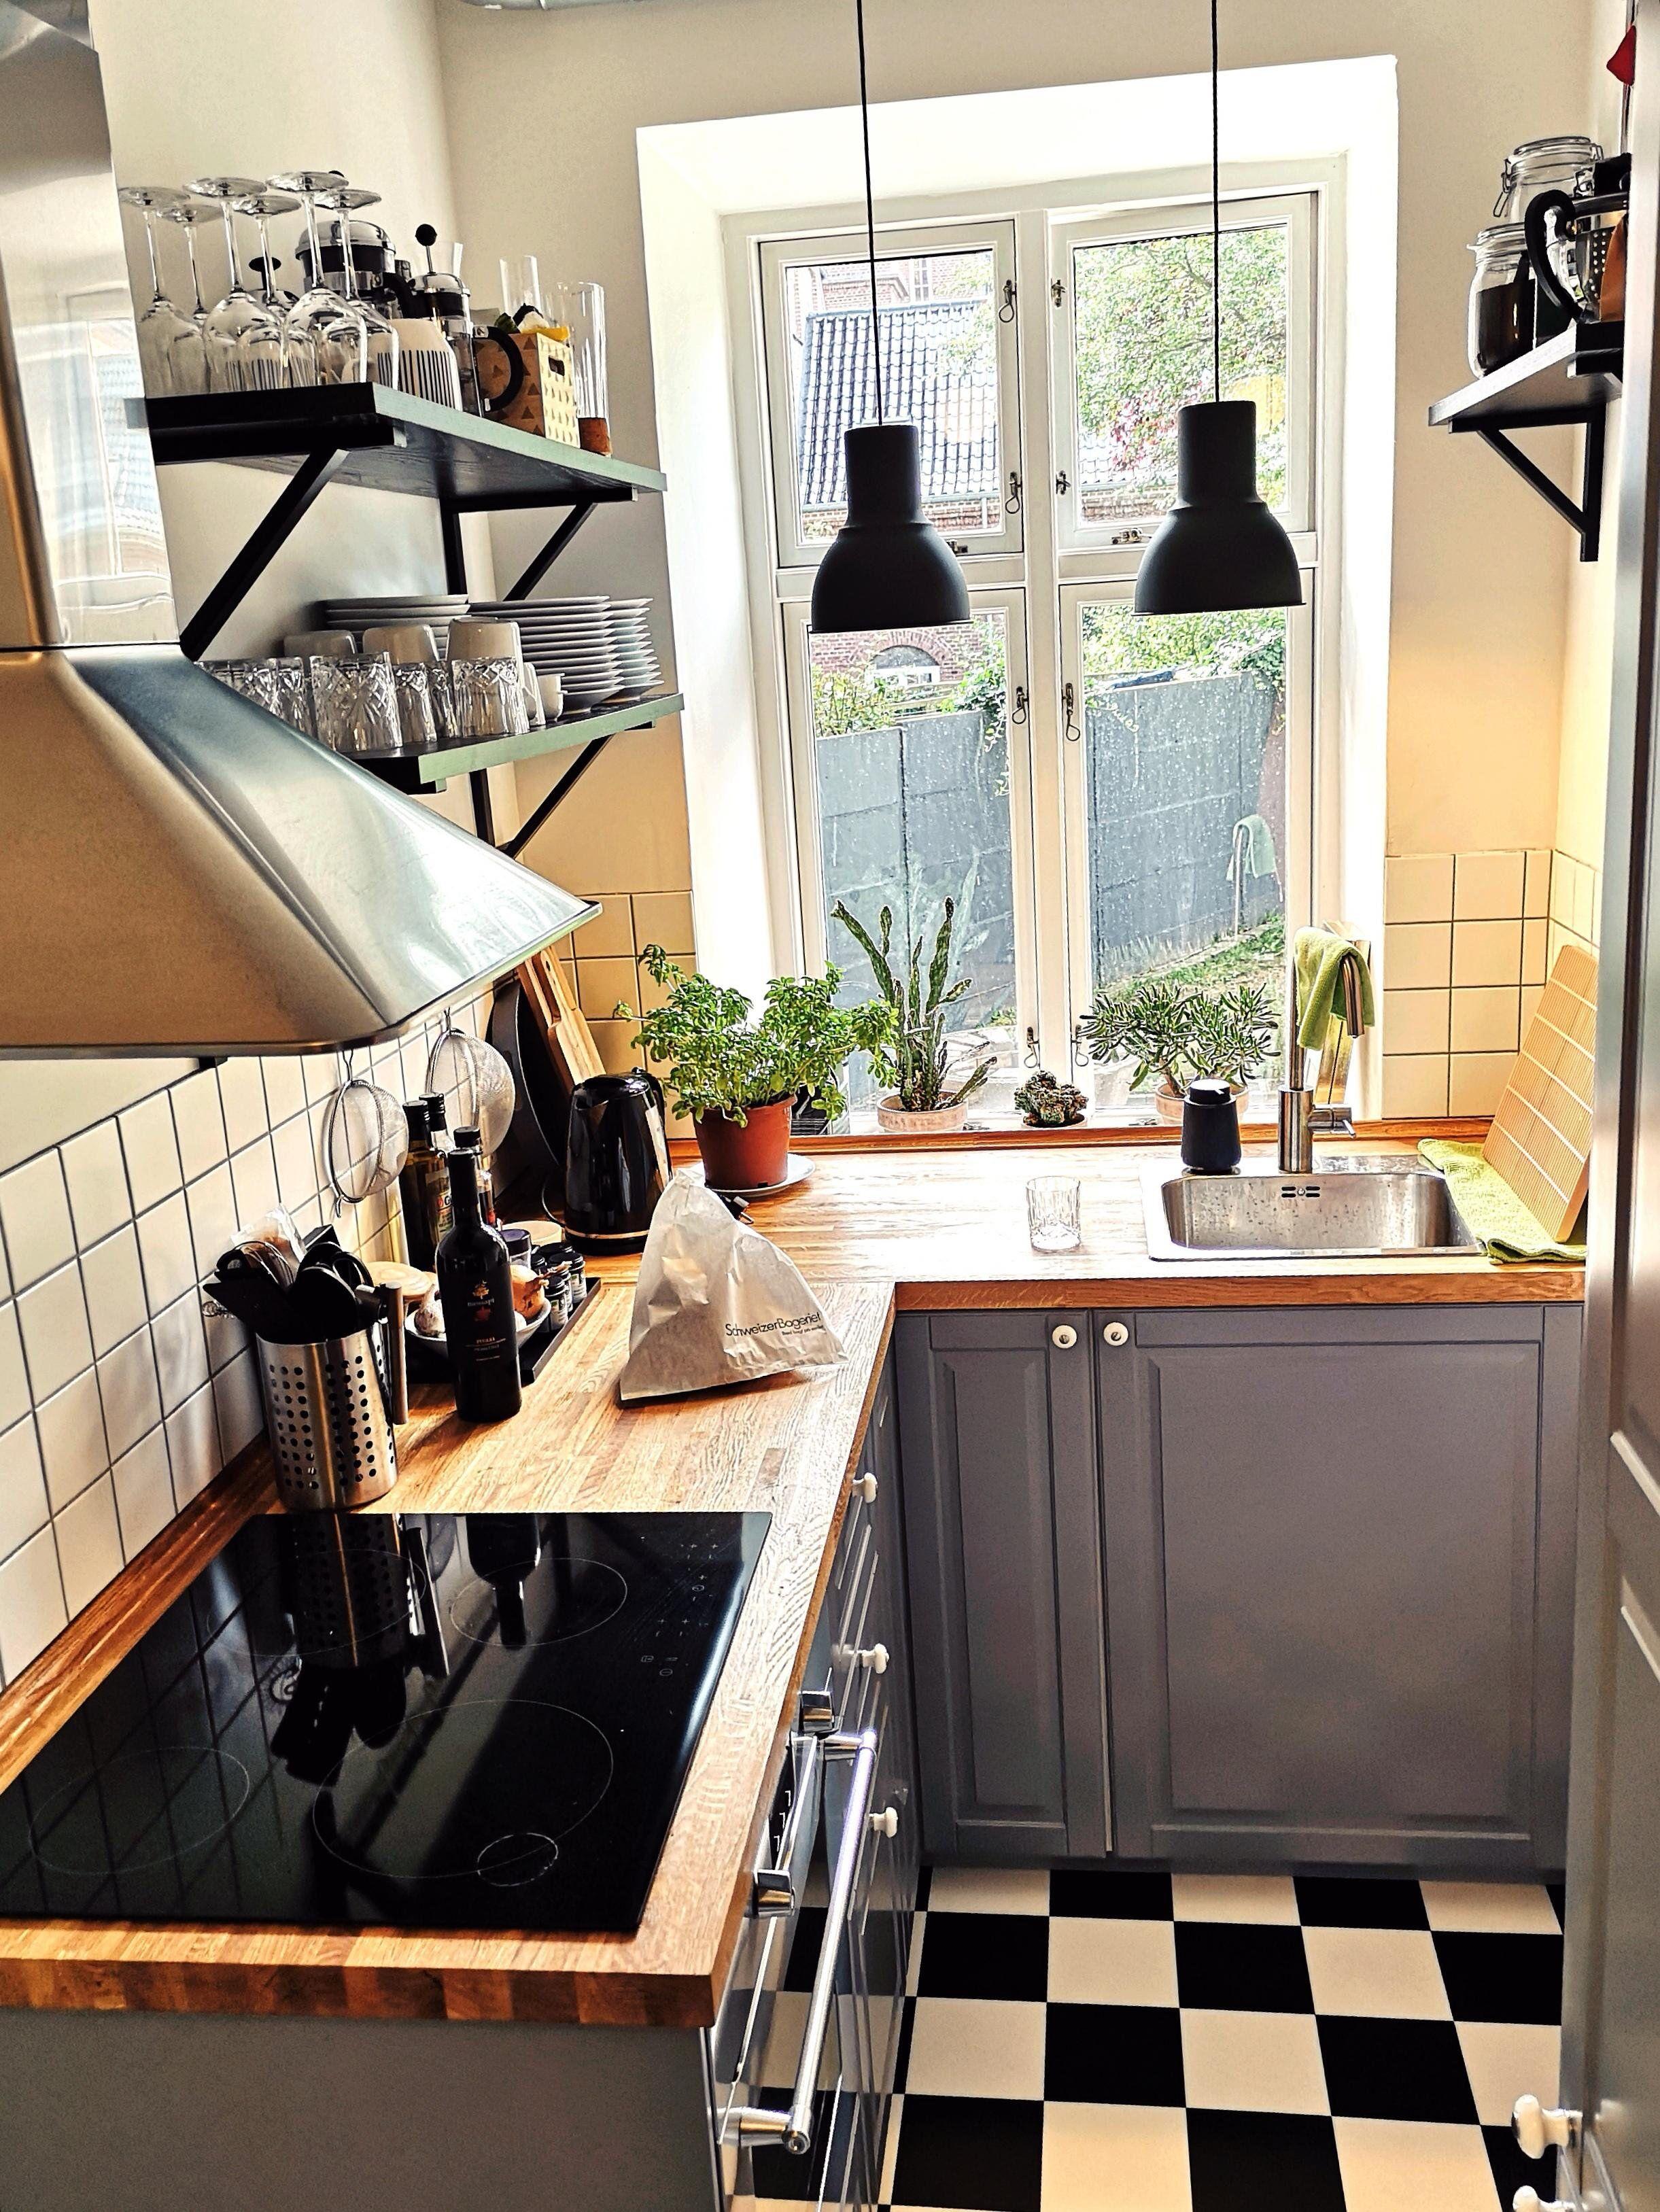 Kitchen In Denmark Home Kitchens Home Kitchen Decor